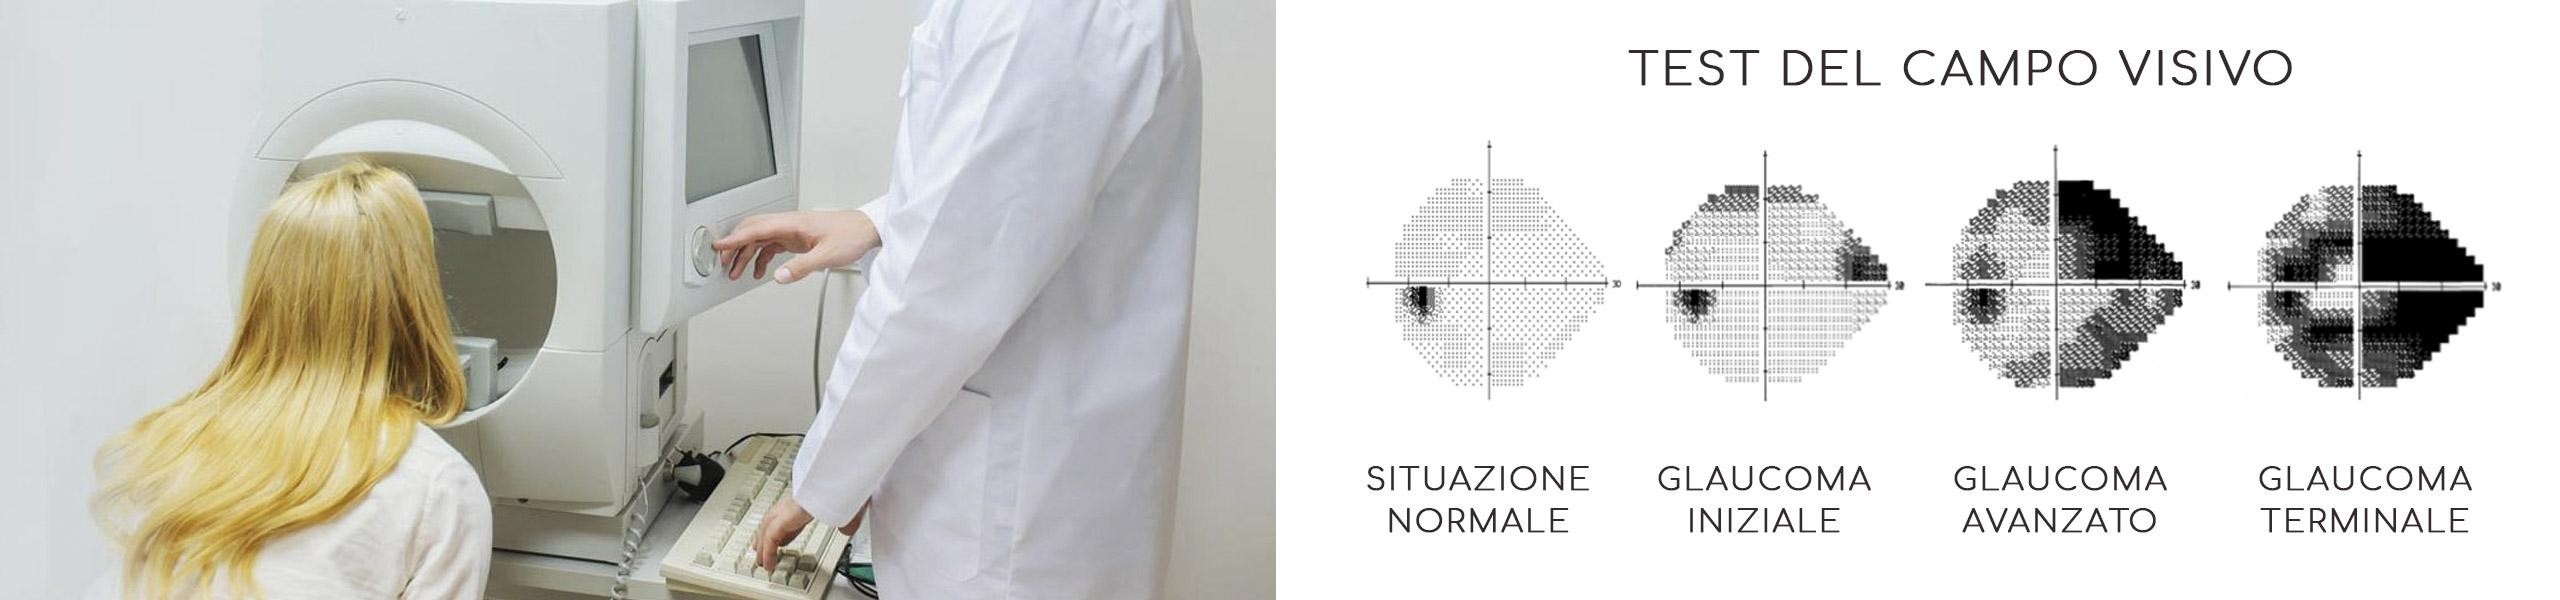 Glaucoma - test del campo visivo! - stileItaliano